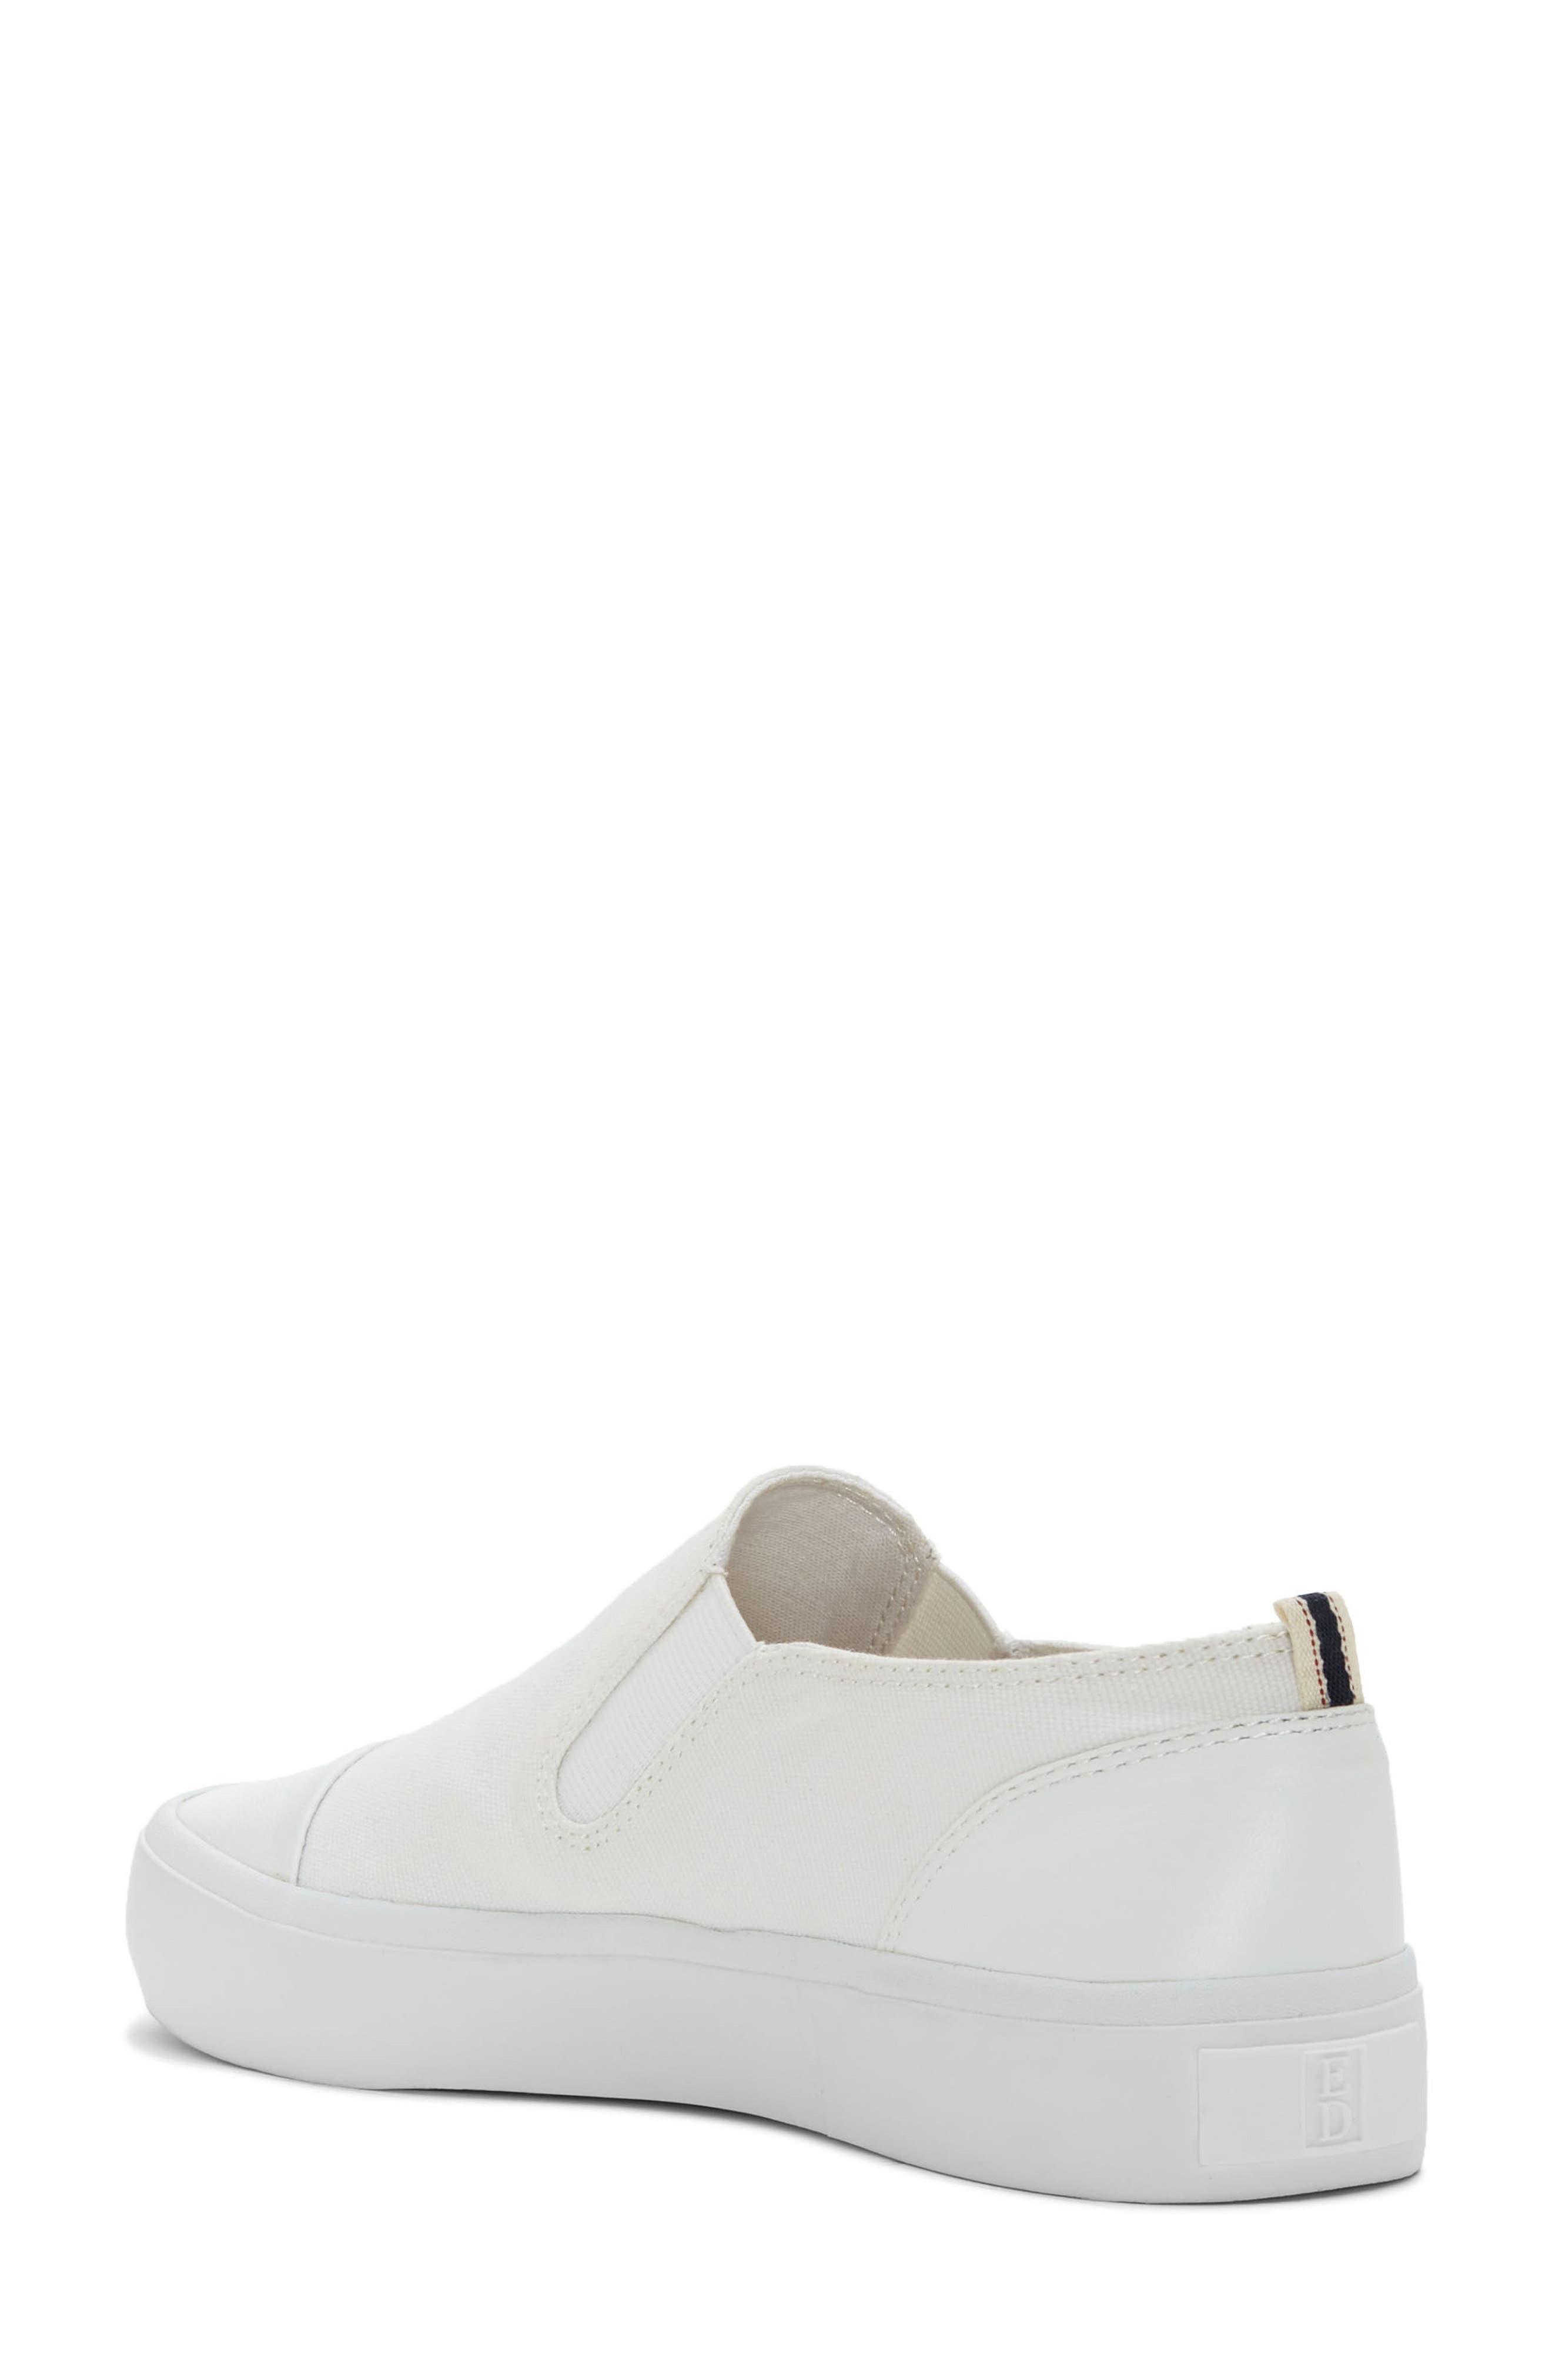 Darja Slip-On Sneaker,                             Alternate thumbnail 2, color,                             110